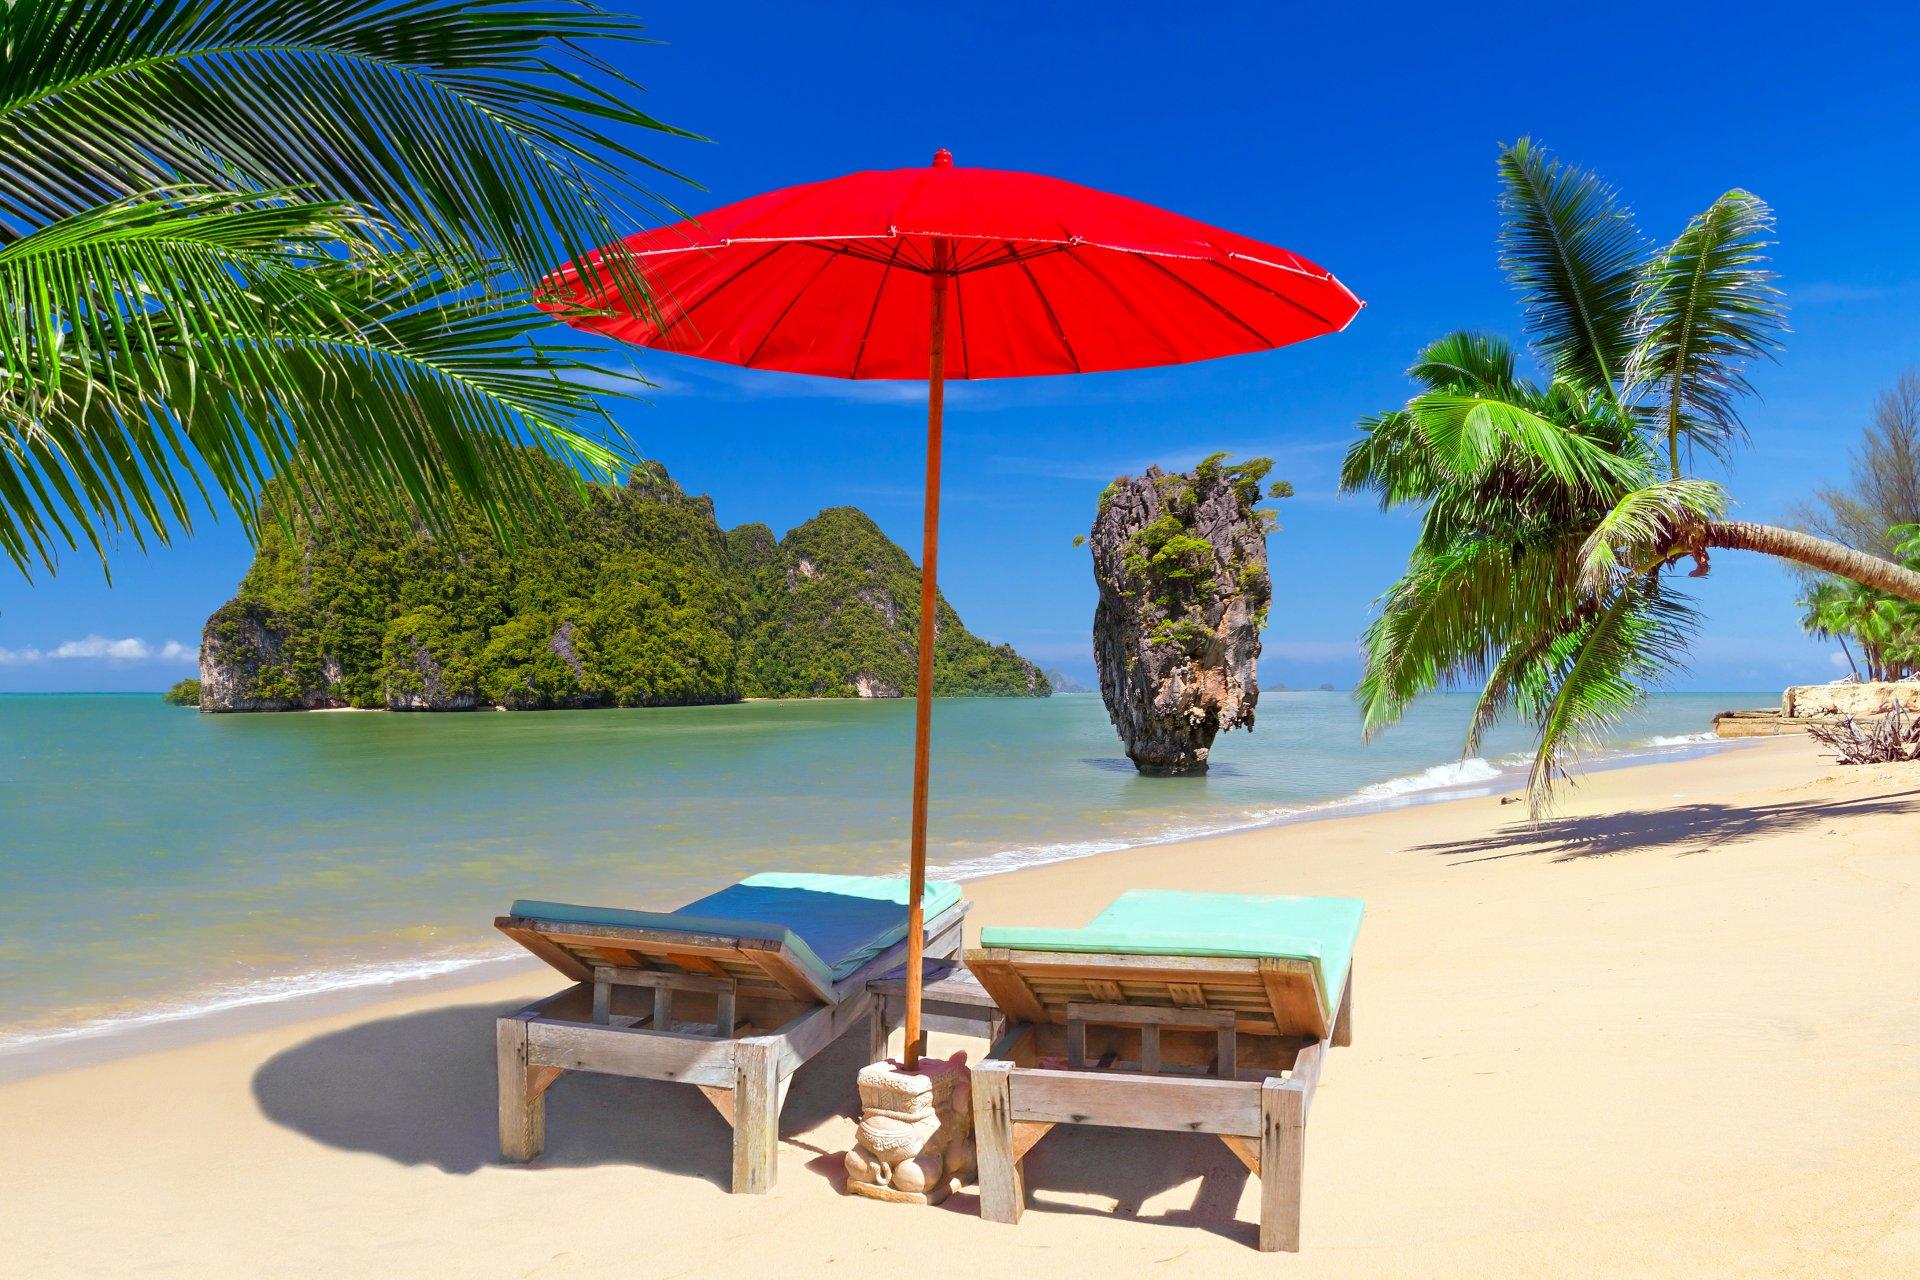 Beach Chairs And Umbrella On Thailand Beach 4k Ultra Hd